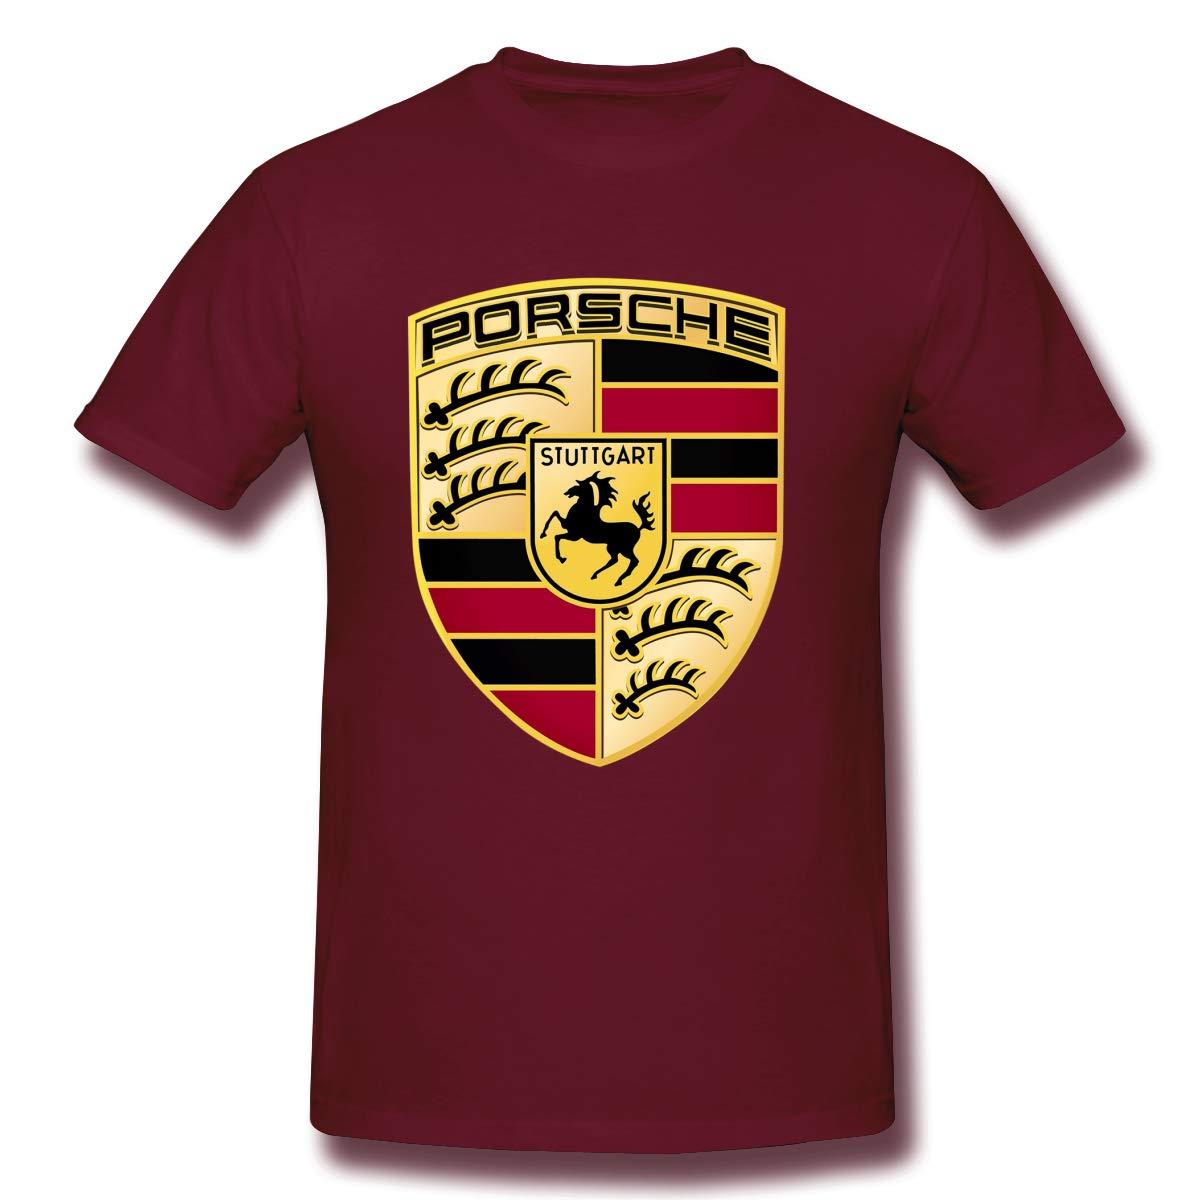 Zhyhang Adult Boys Ferdinand Porsche T Shirts Black